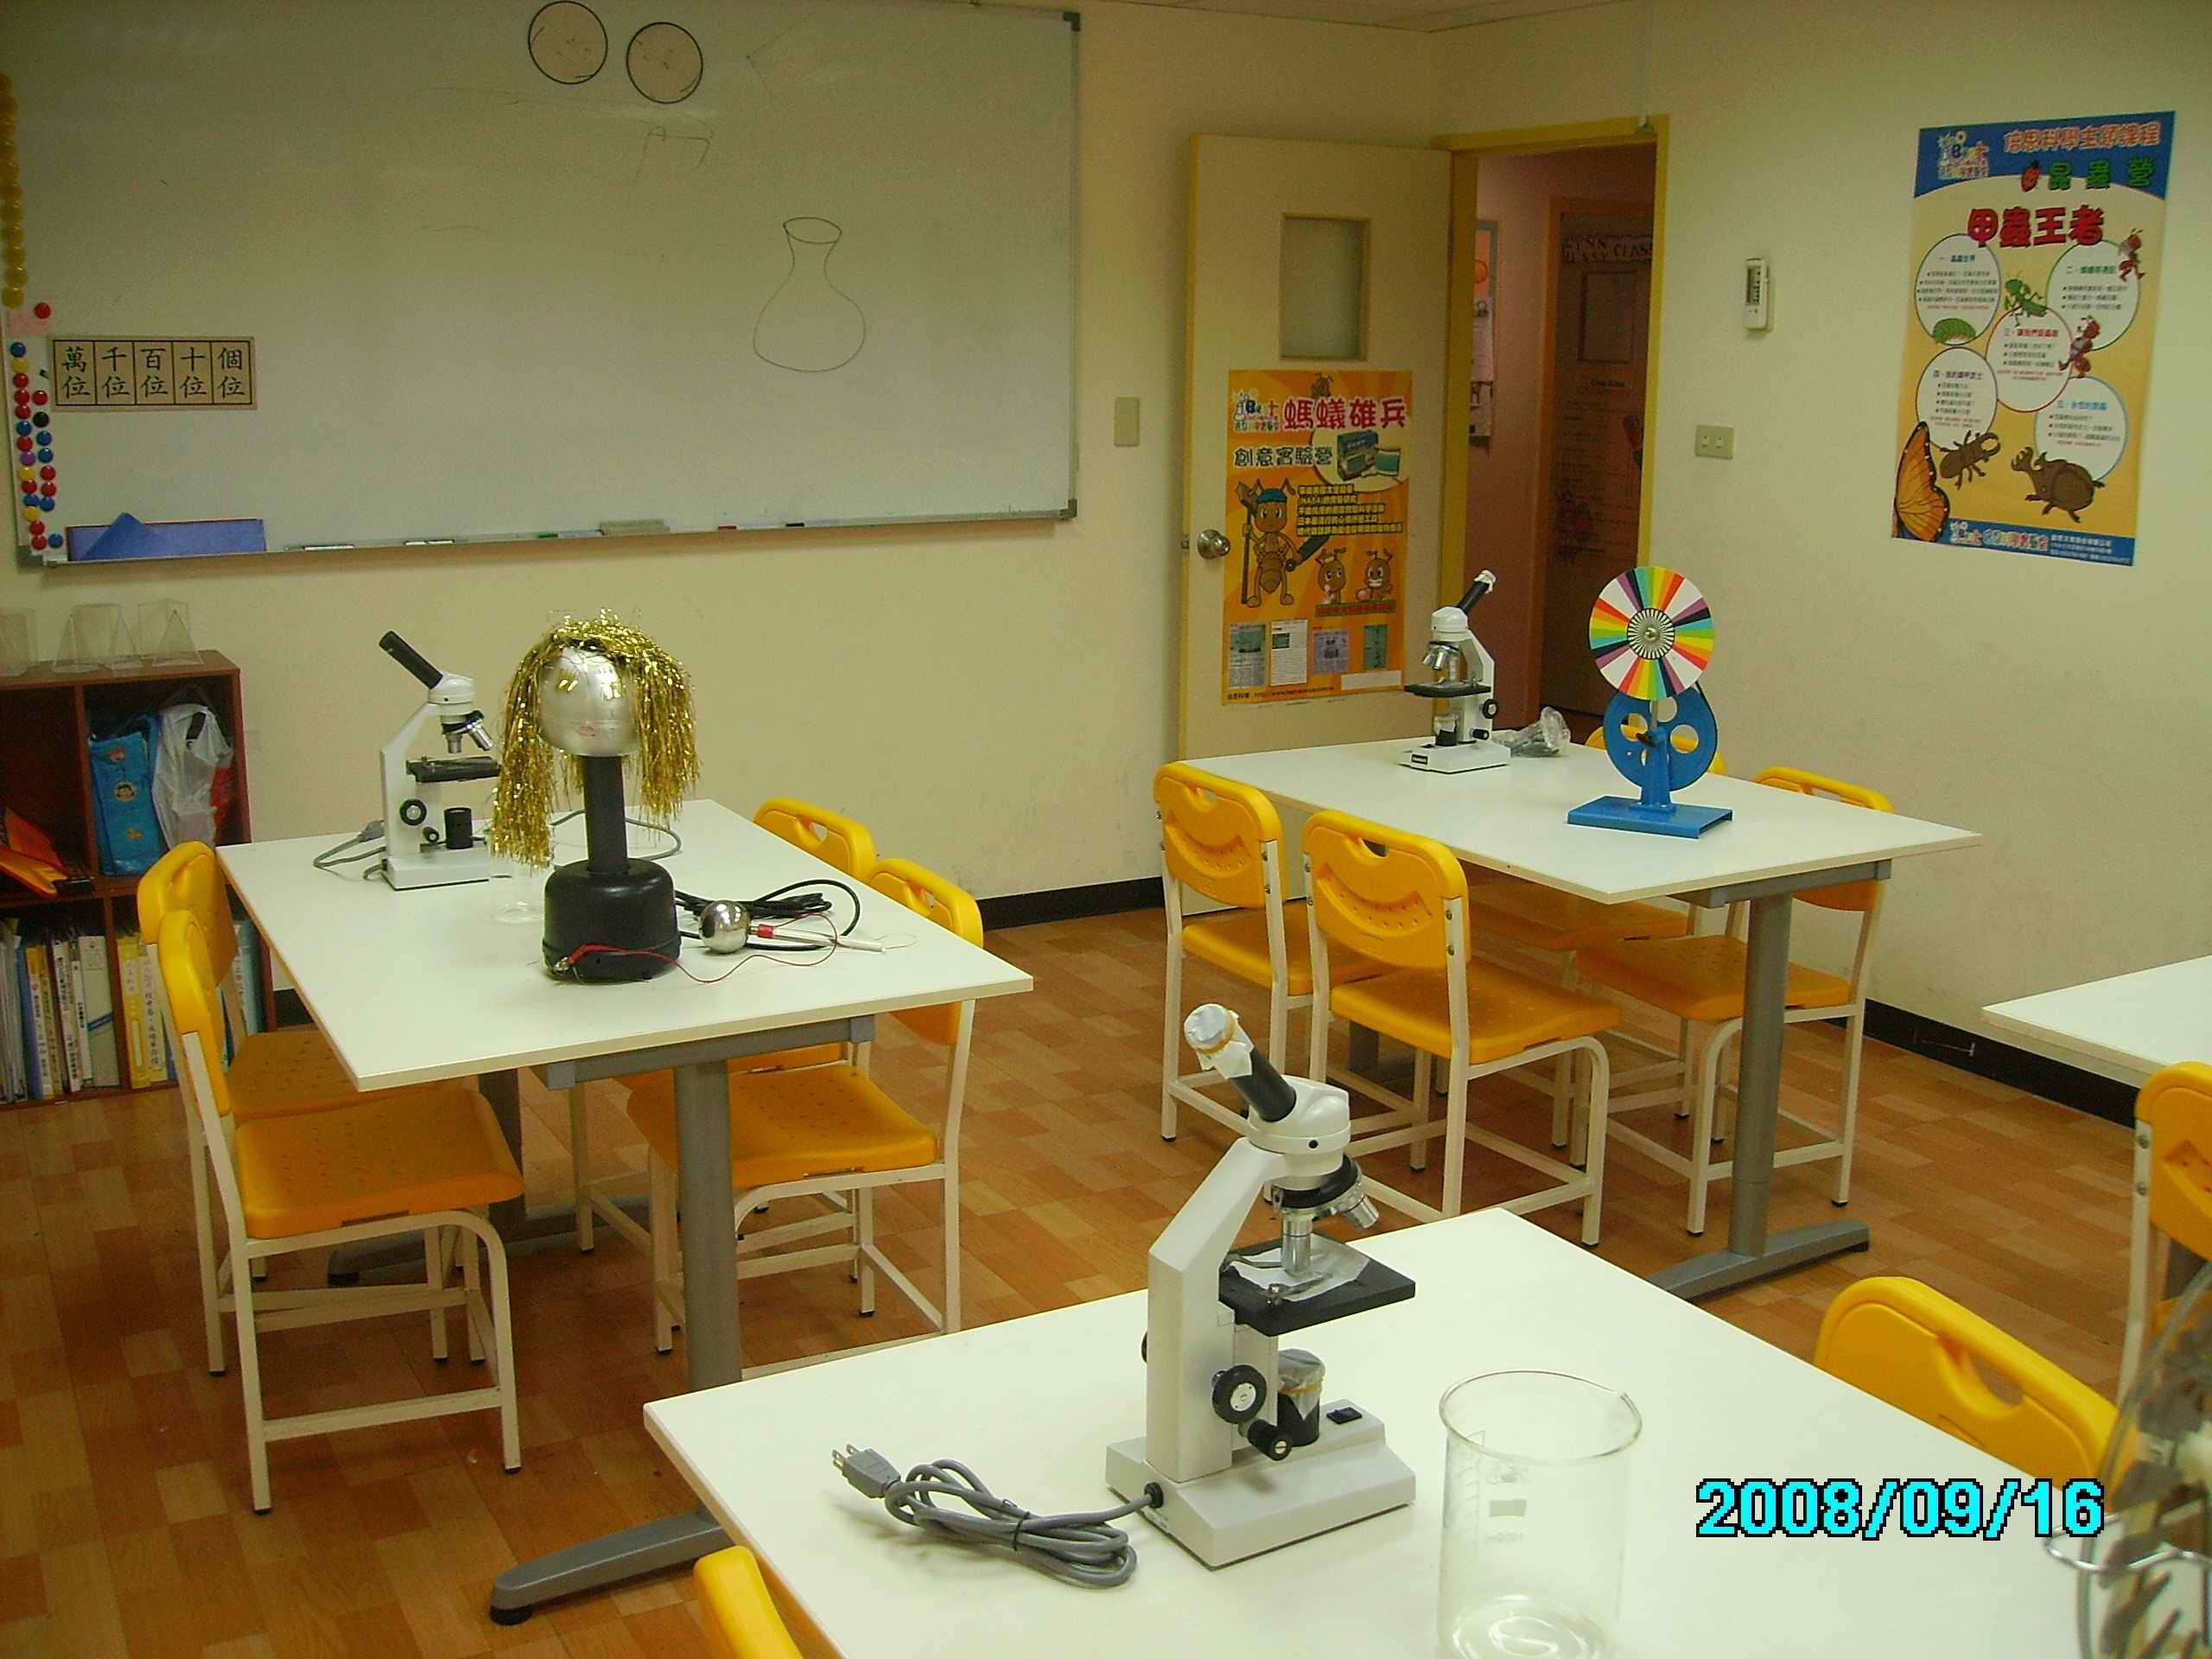 倍思科学实验室::以专业态度协助加盟单位建立科学教室